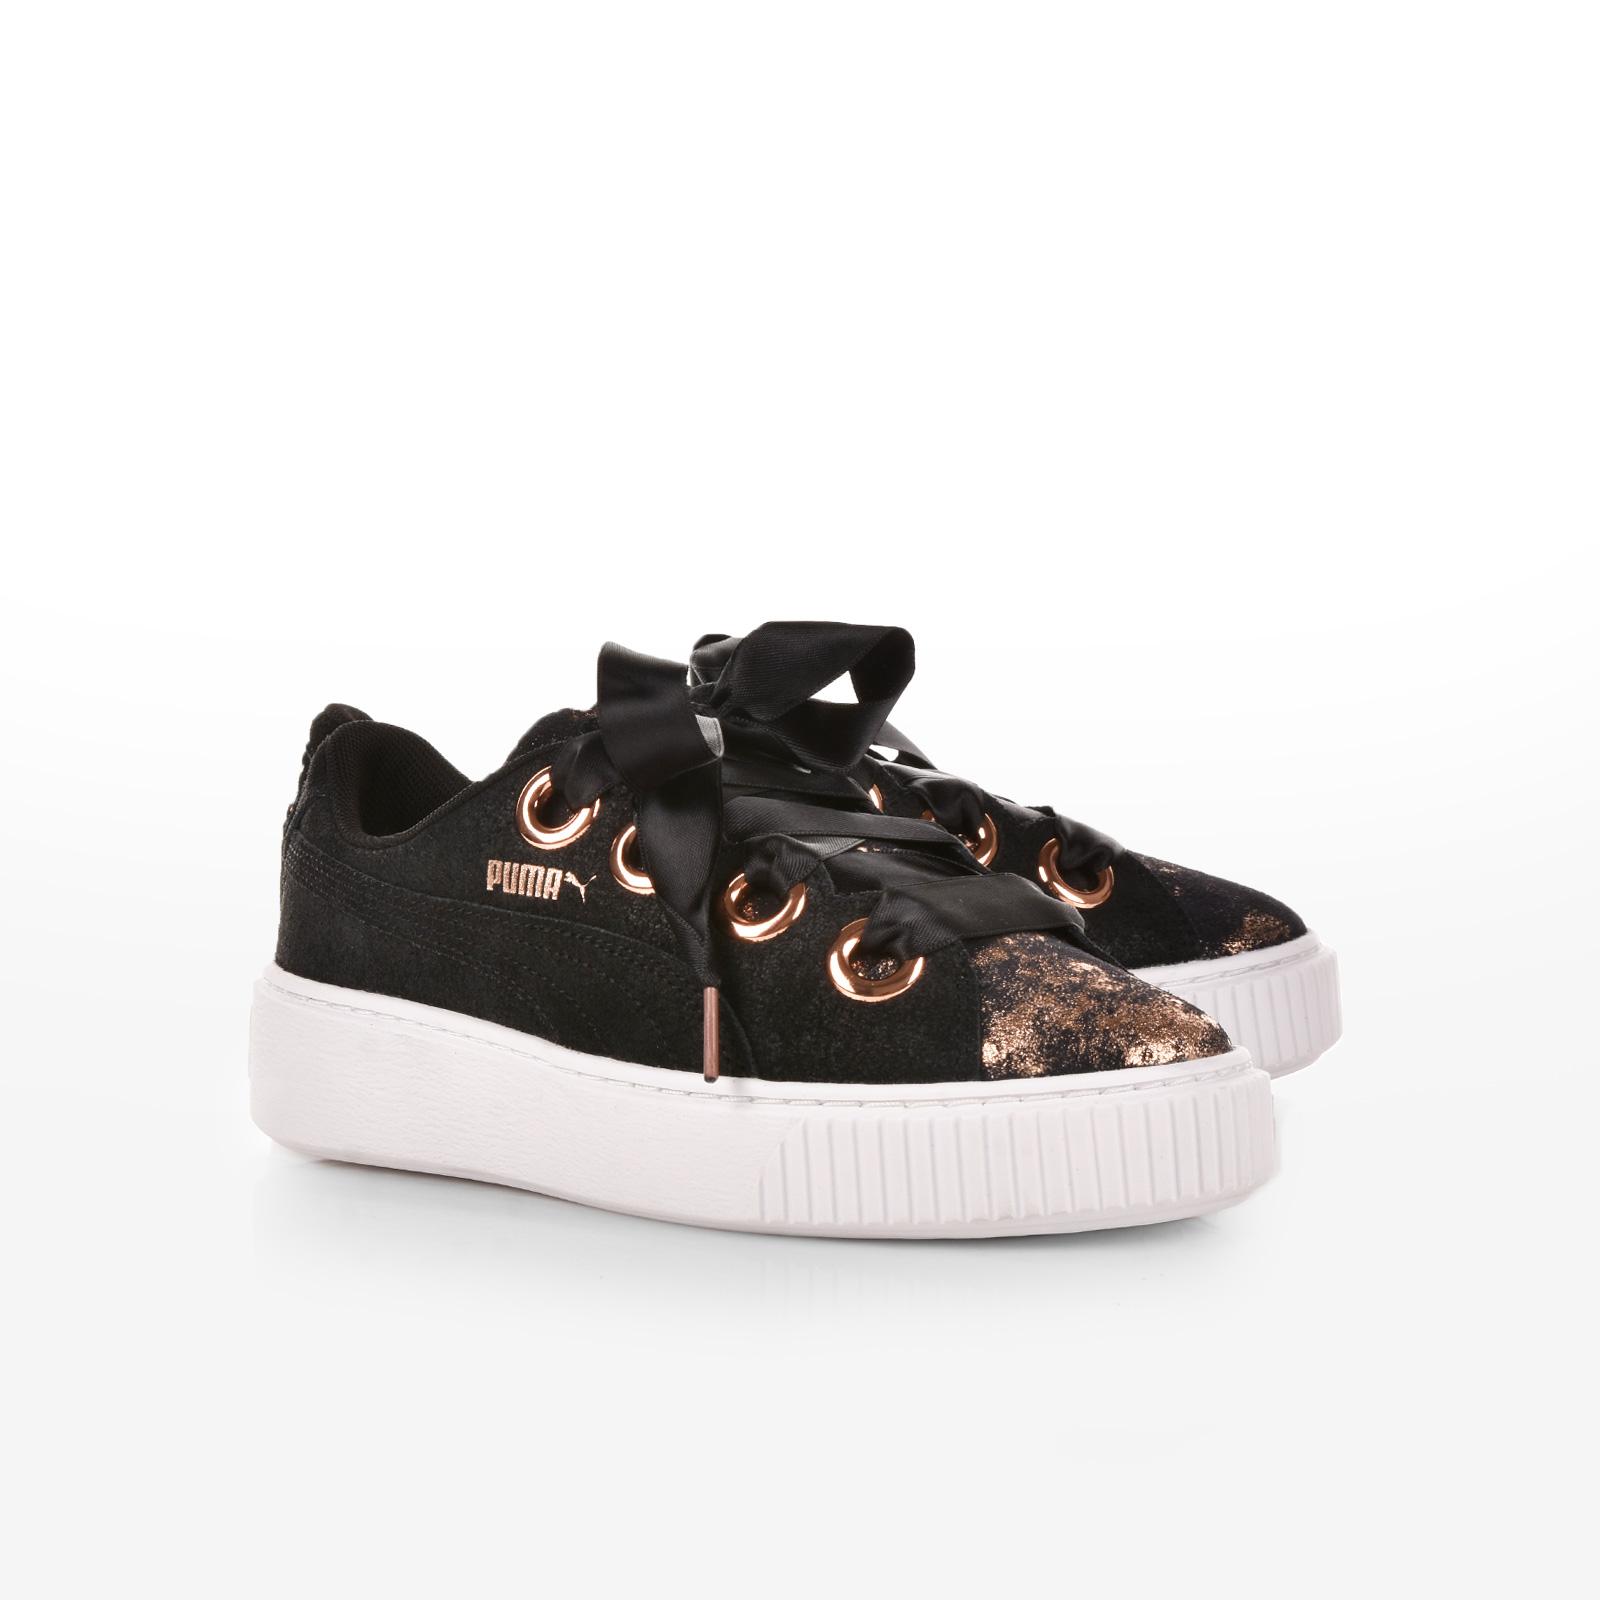 separation shoes f5fbf 59e24 -50% Sportcafe Puma – 366707 PLATFORM KISS ARTICA WN – 02 7373